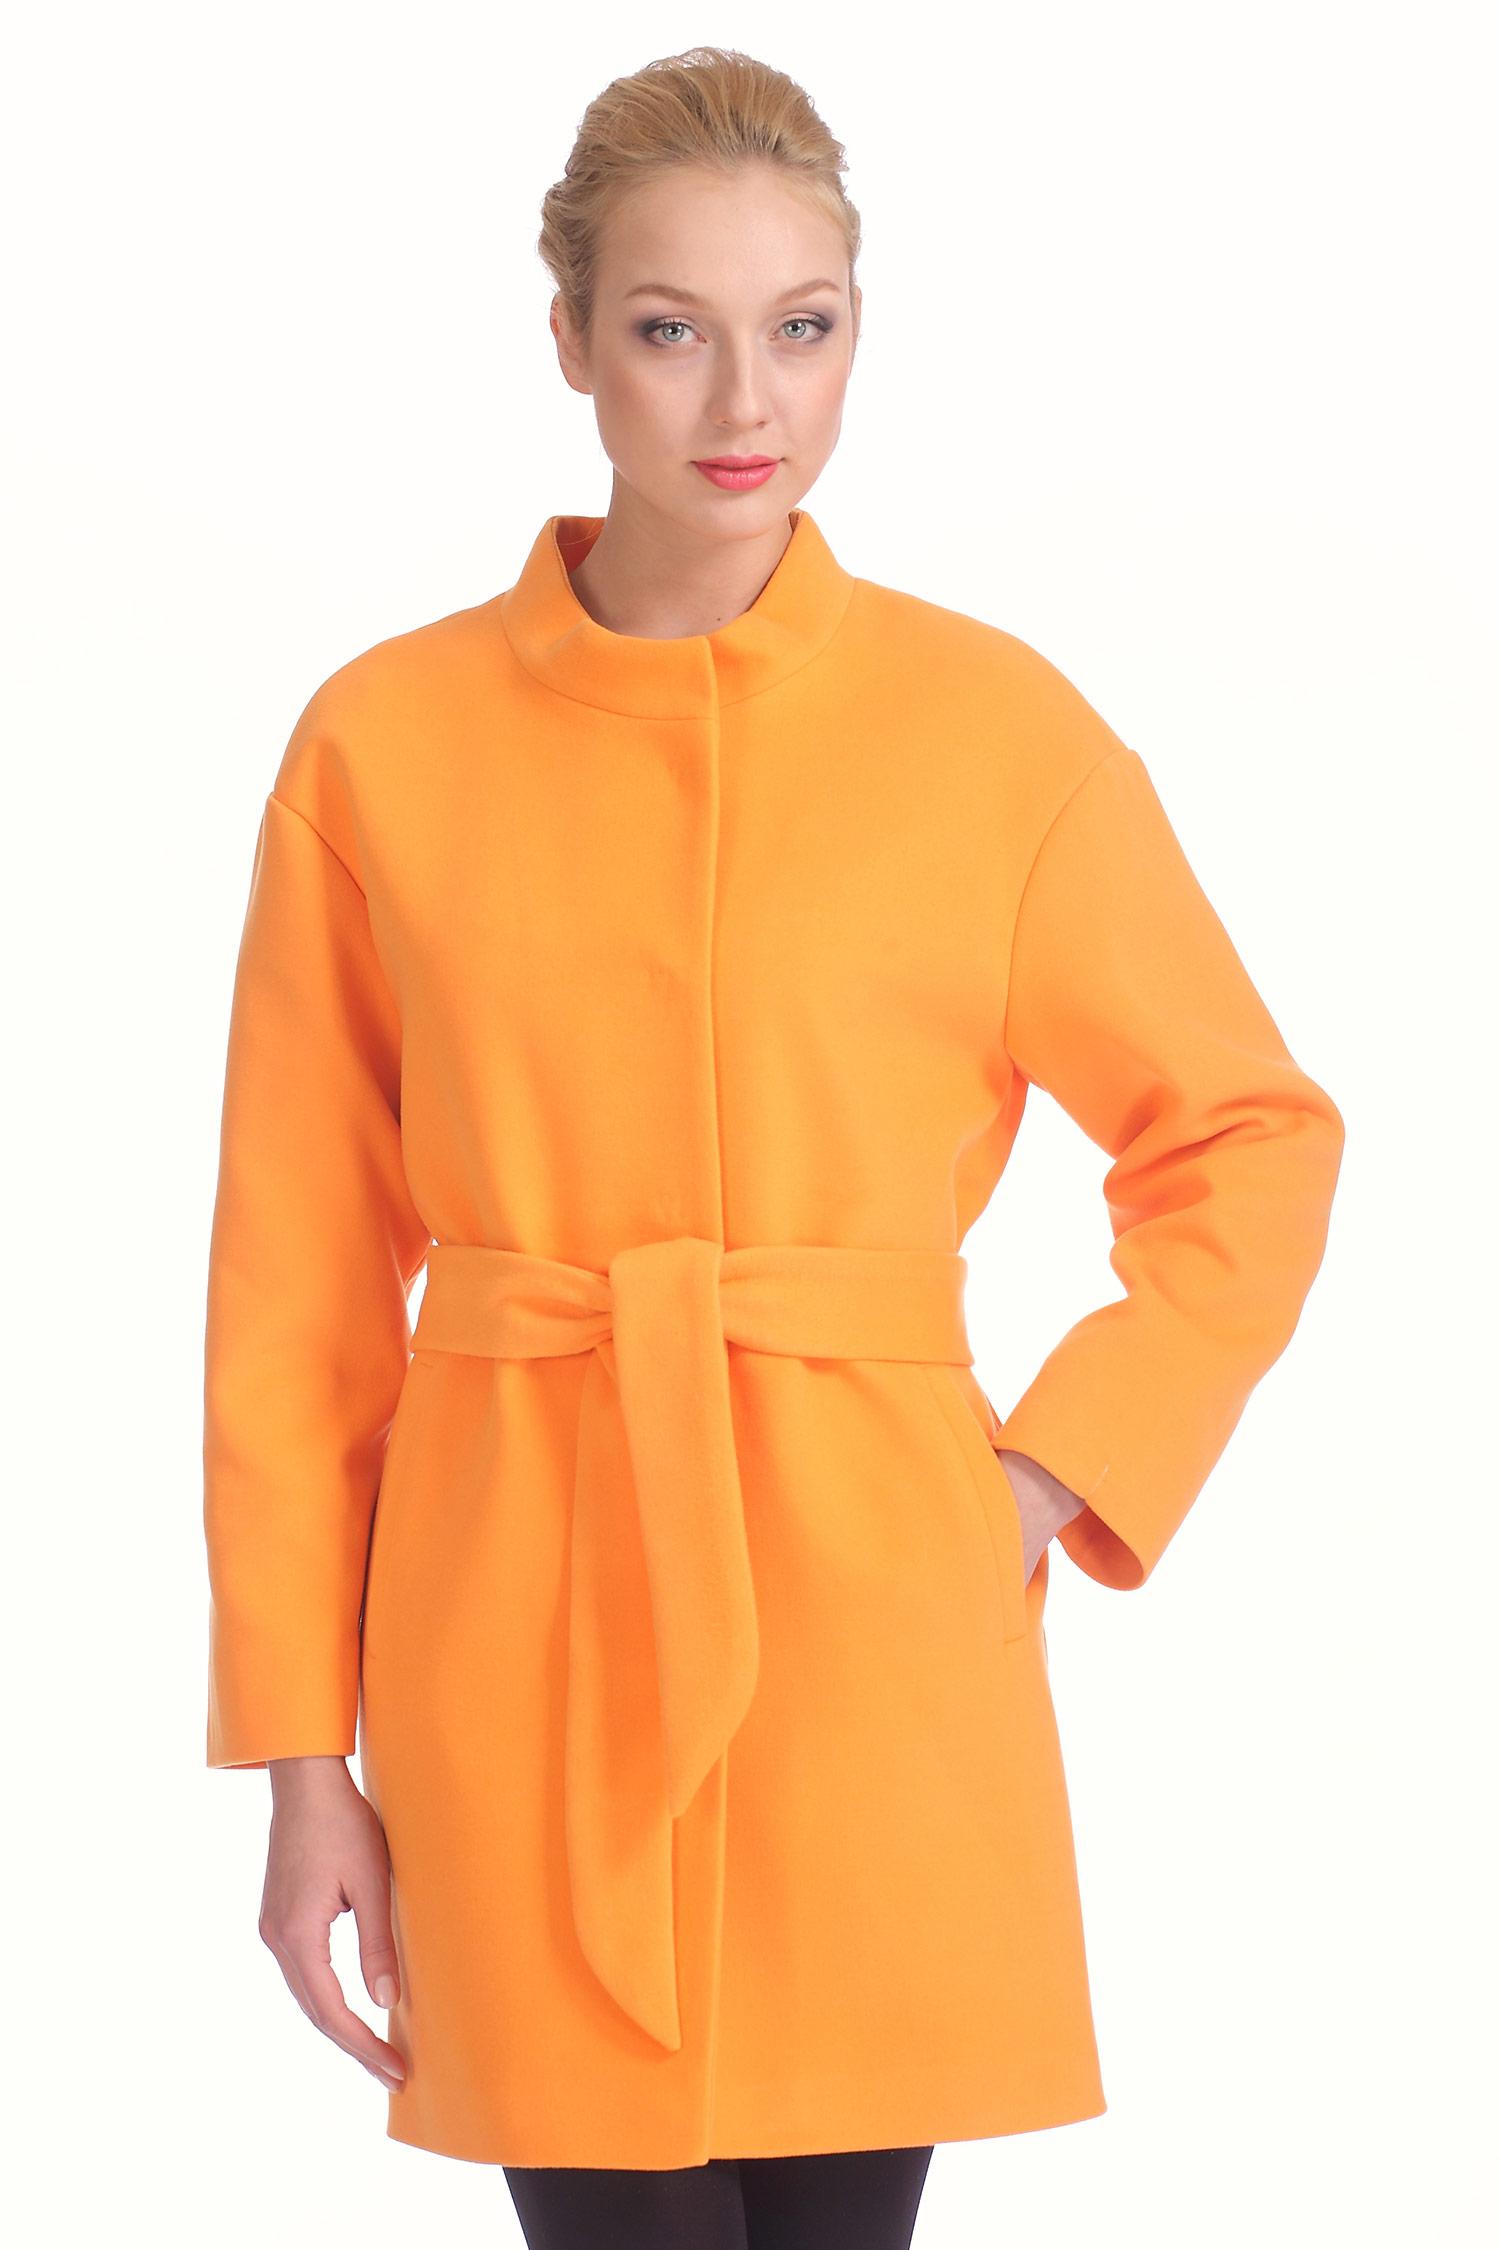 Женское пальто с воротником, без отделки. Производитель: Московская Меховая Компания, артикул: 6347